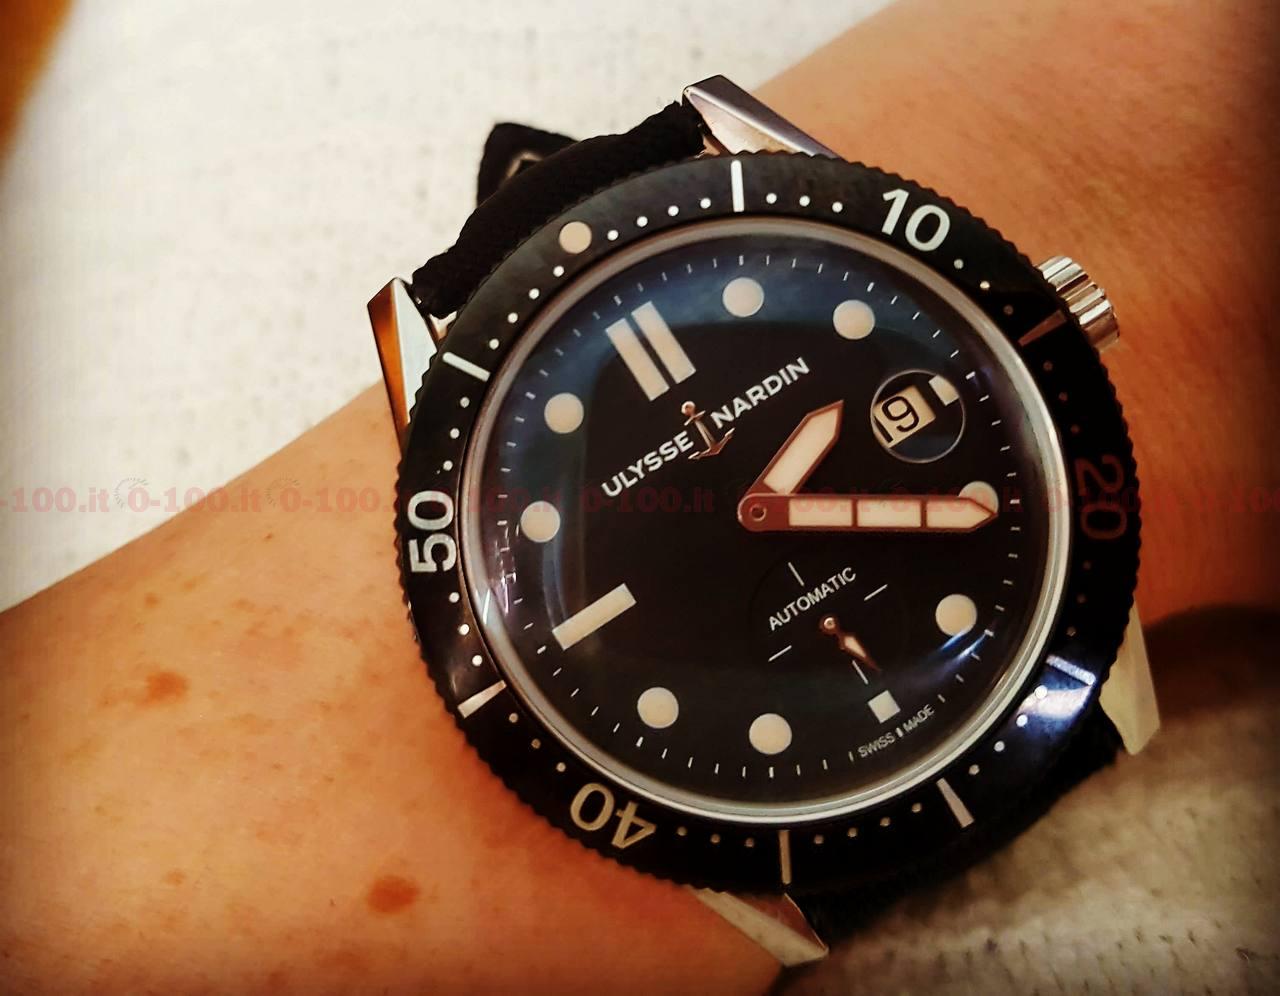 watch-test-Ulysse Nardin Diver Le Locle Ref. 3202-950-price-prezzo_0-100